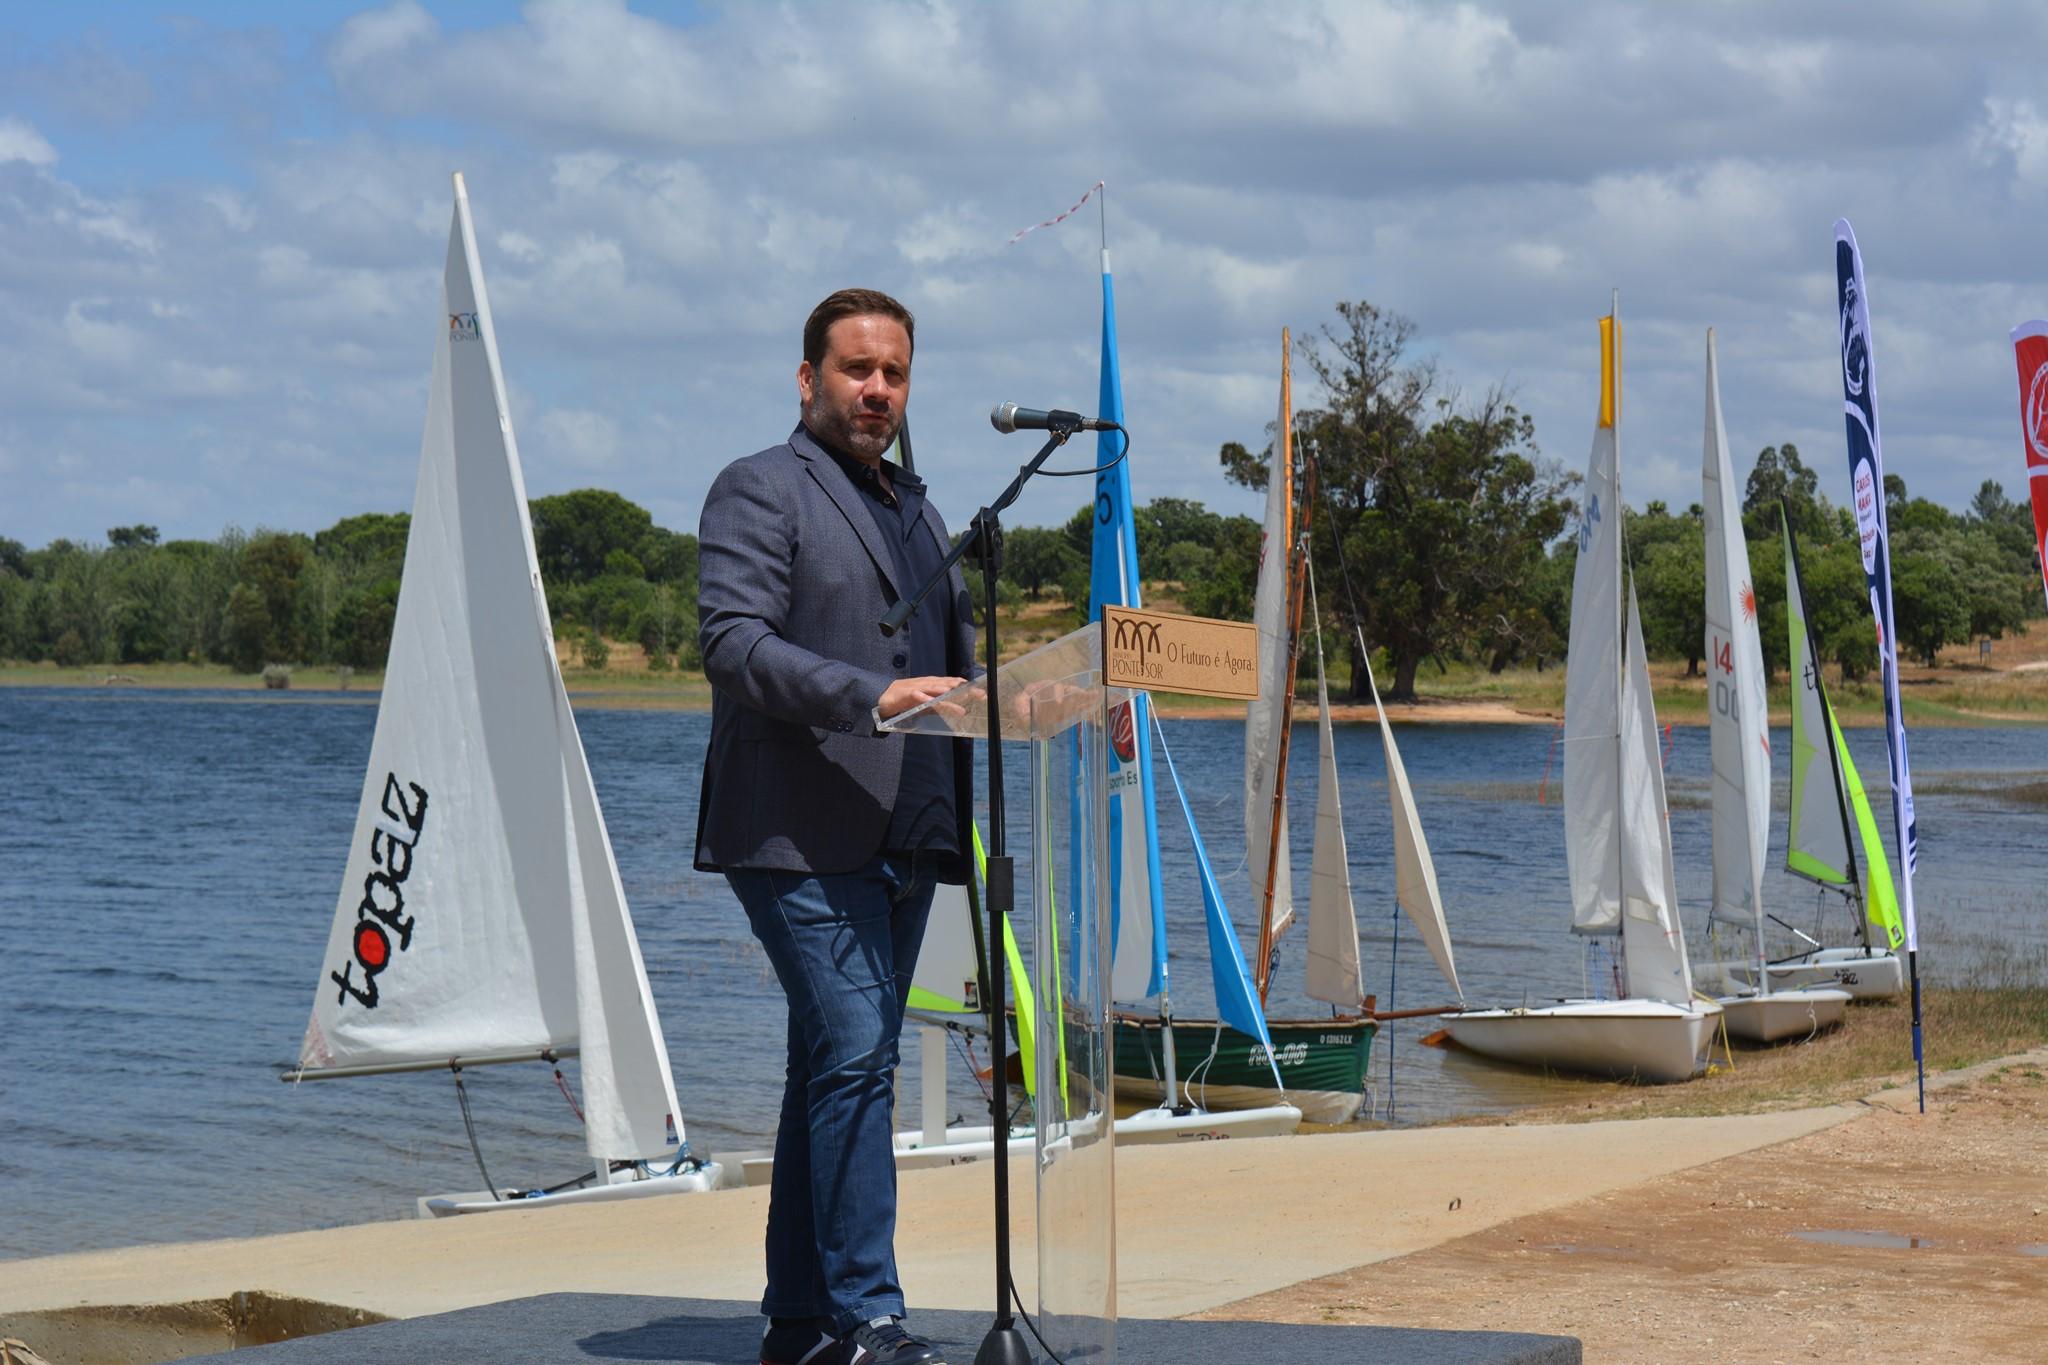 Inauguração do Clube de Vela e Canoagem